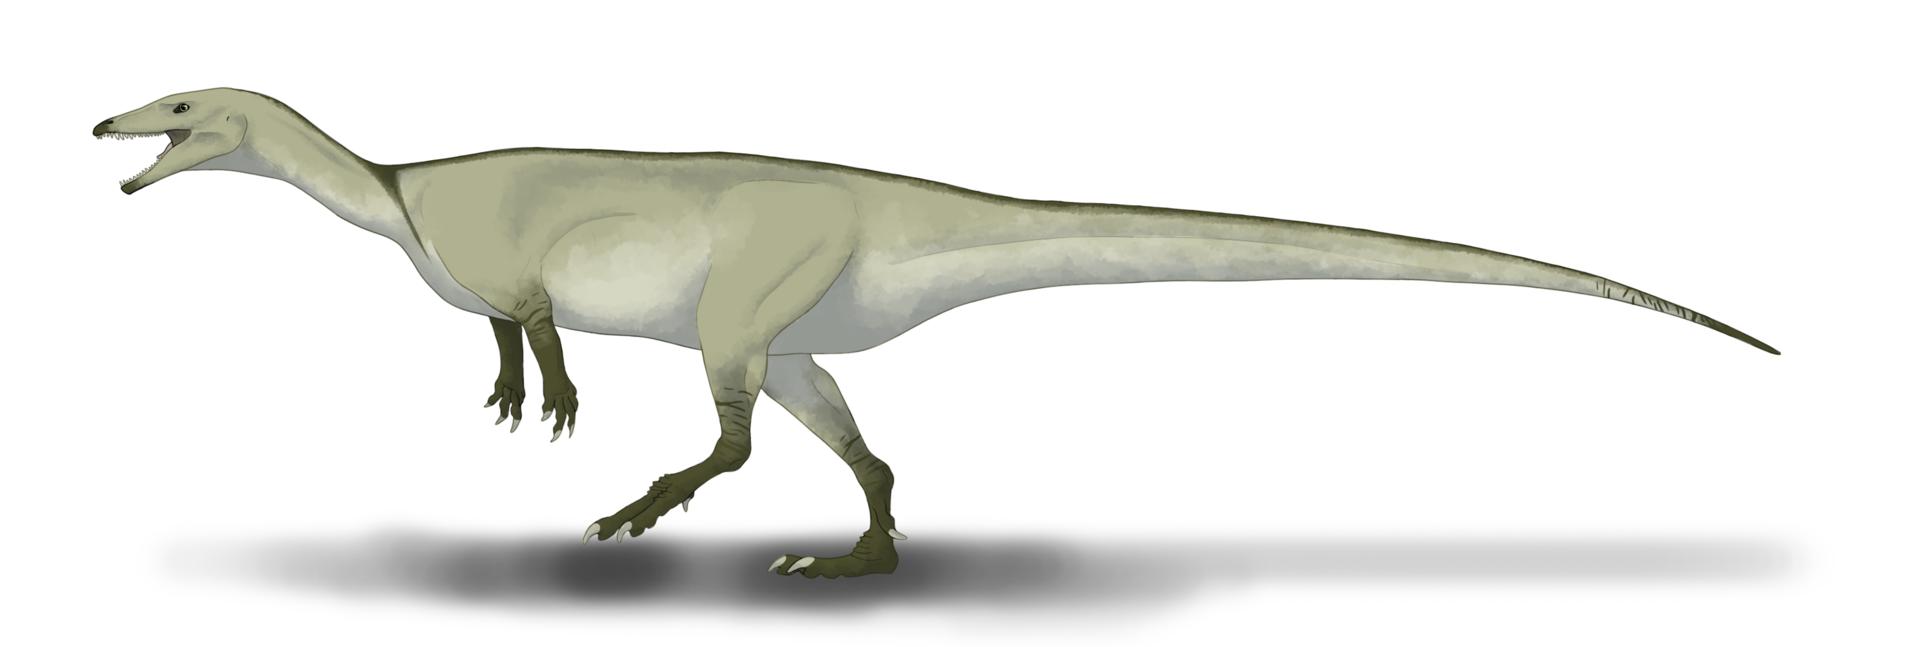 Rekonstrukce vzezření jednoho z nejstarších známých dinosaurů, pozdně triasového druhu Buriolestes schultzi. Tento vývojově primitivní archaický sauropodomorf obýval území současné Brazílie v období raného svrchního triasu (geologický věk karn), asi